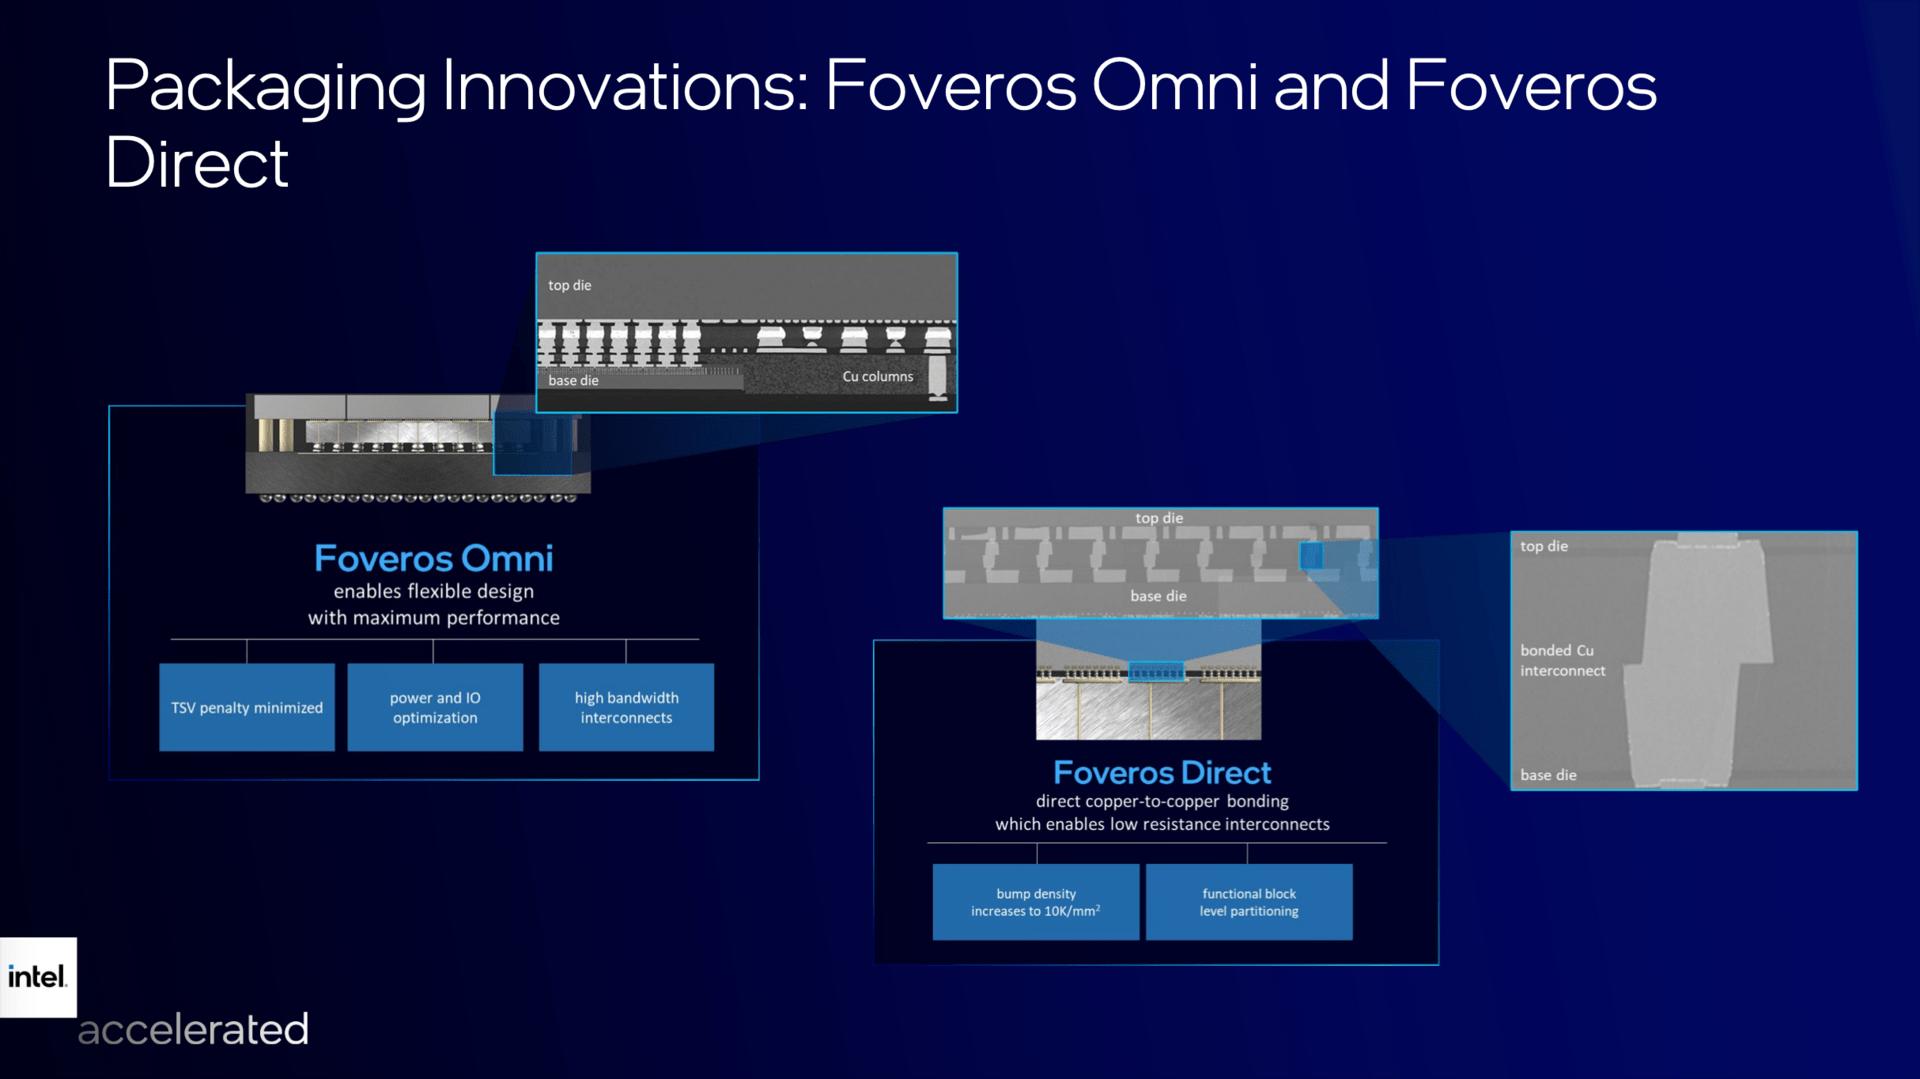 Intel packaging